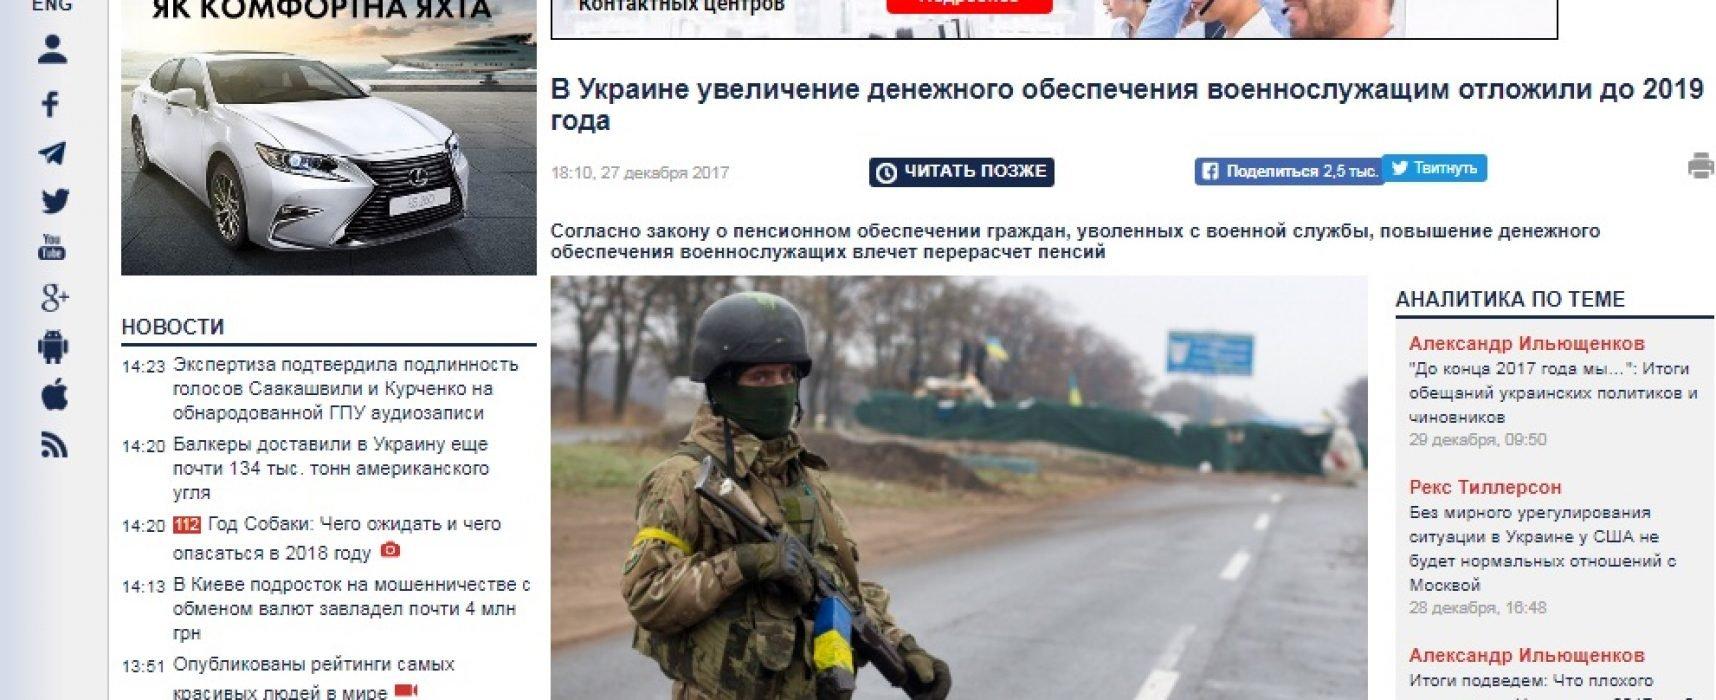 Фейк: В Украине отложили на год повышение выплат военнослужащим